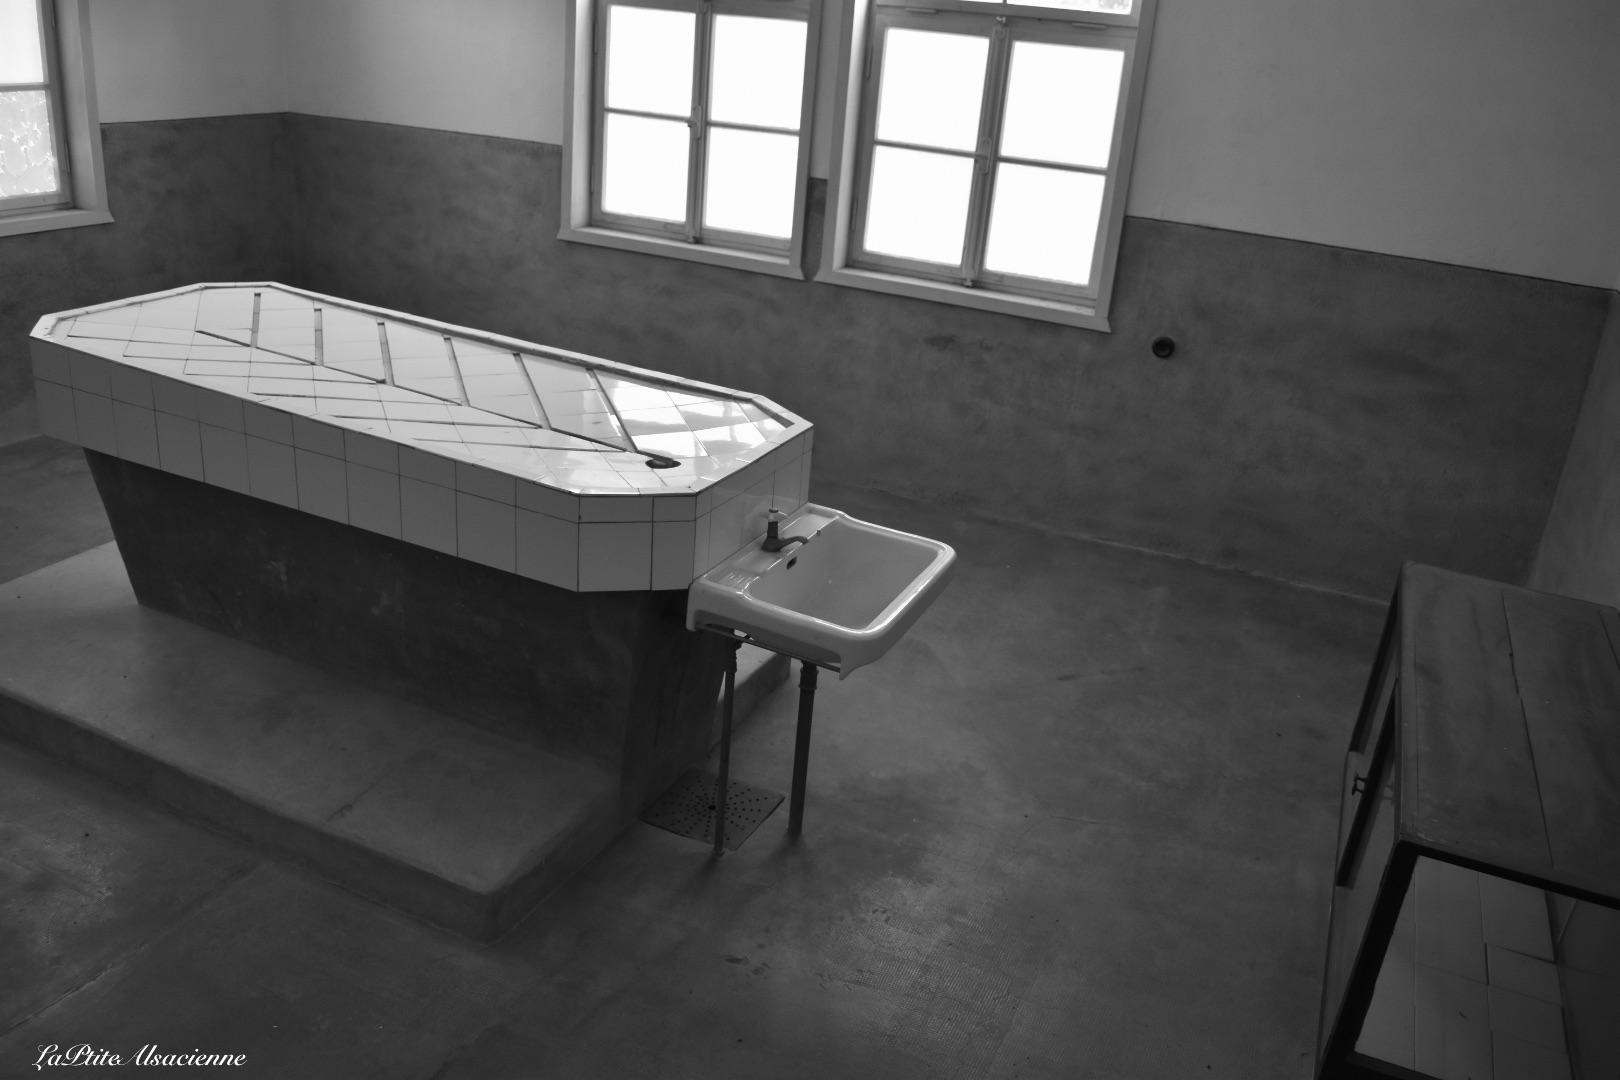 Table d'opération et de test au camp du Struthof. Photo de Cendrine Miesch dite LaPtiteAlsacienne